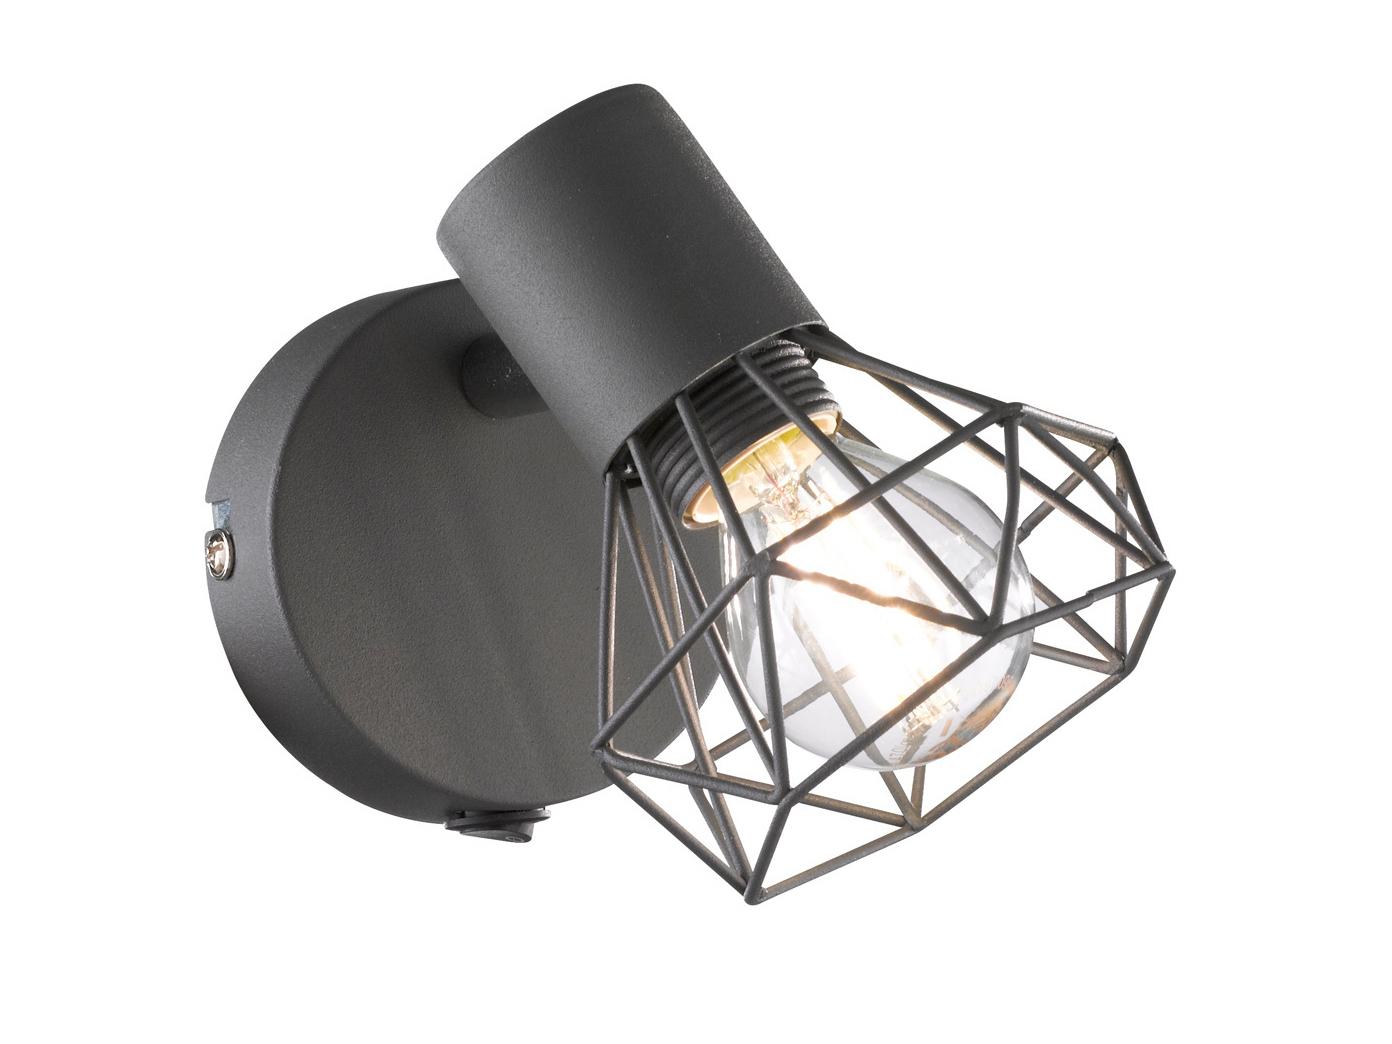 Matt Graue Wandleucht Spot drehbar E14 Wandspot Wandstrahler Dielenlampe